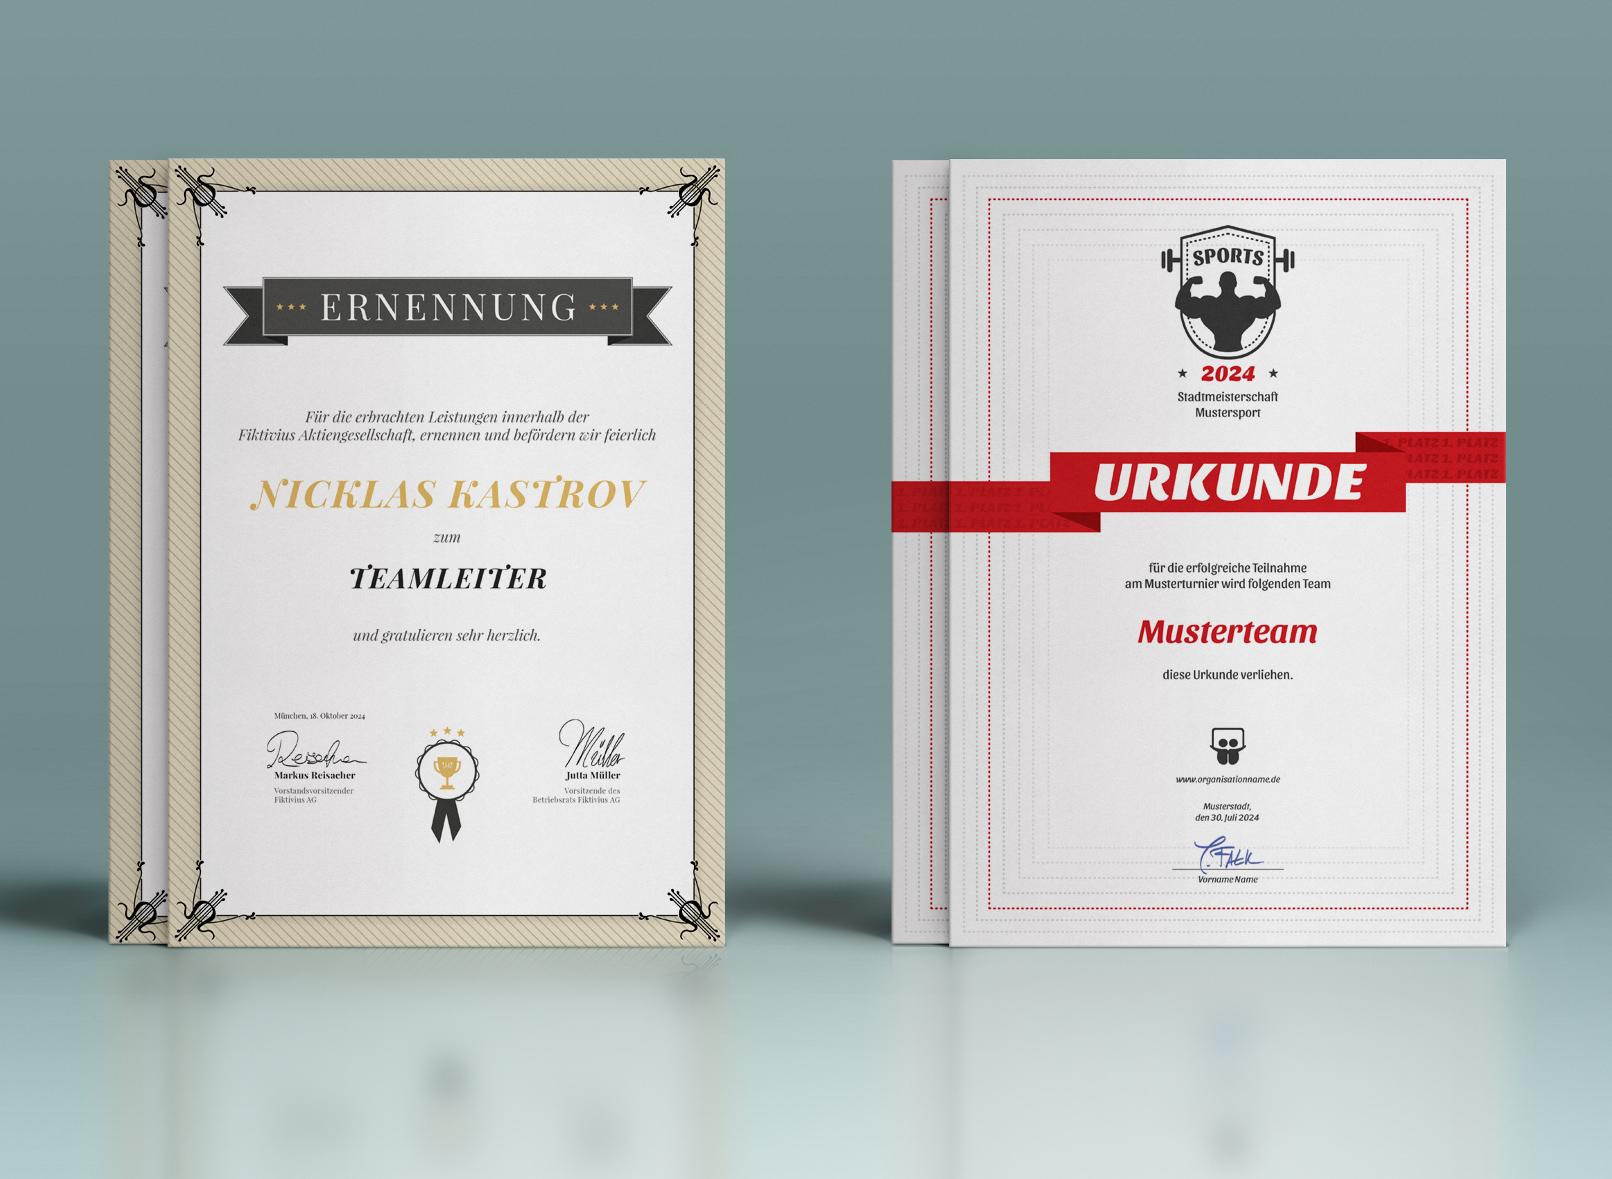 Vorlagen für Urkunden und Zertifikate zum Download, Gestalten und Ausdrucken – Sport